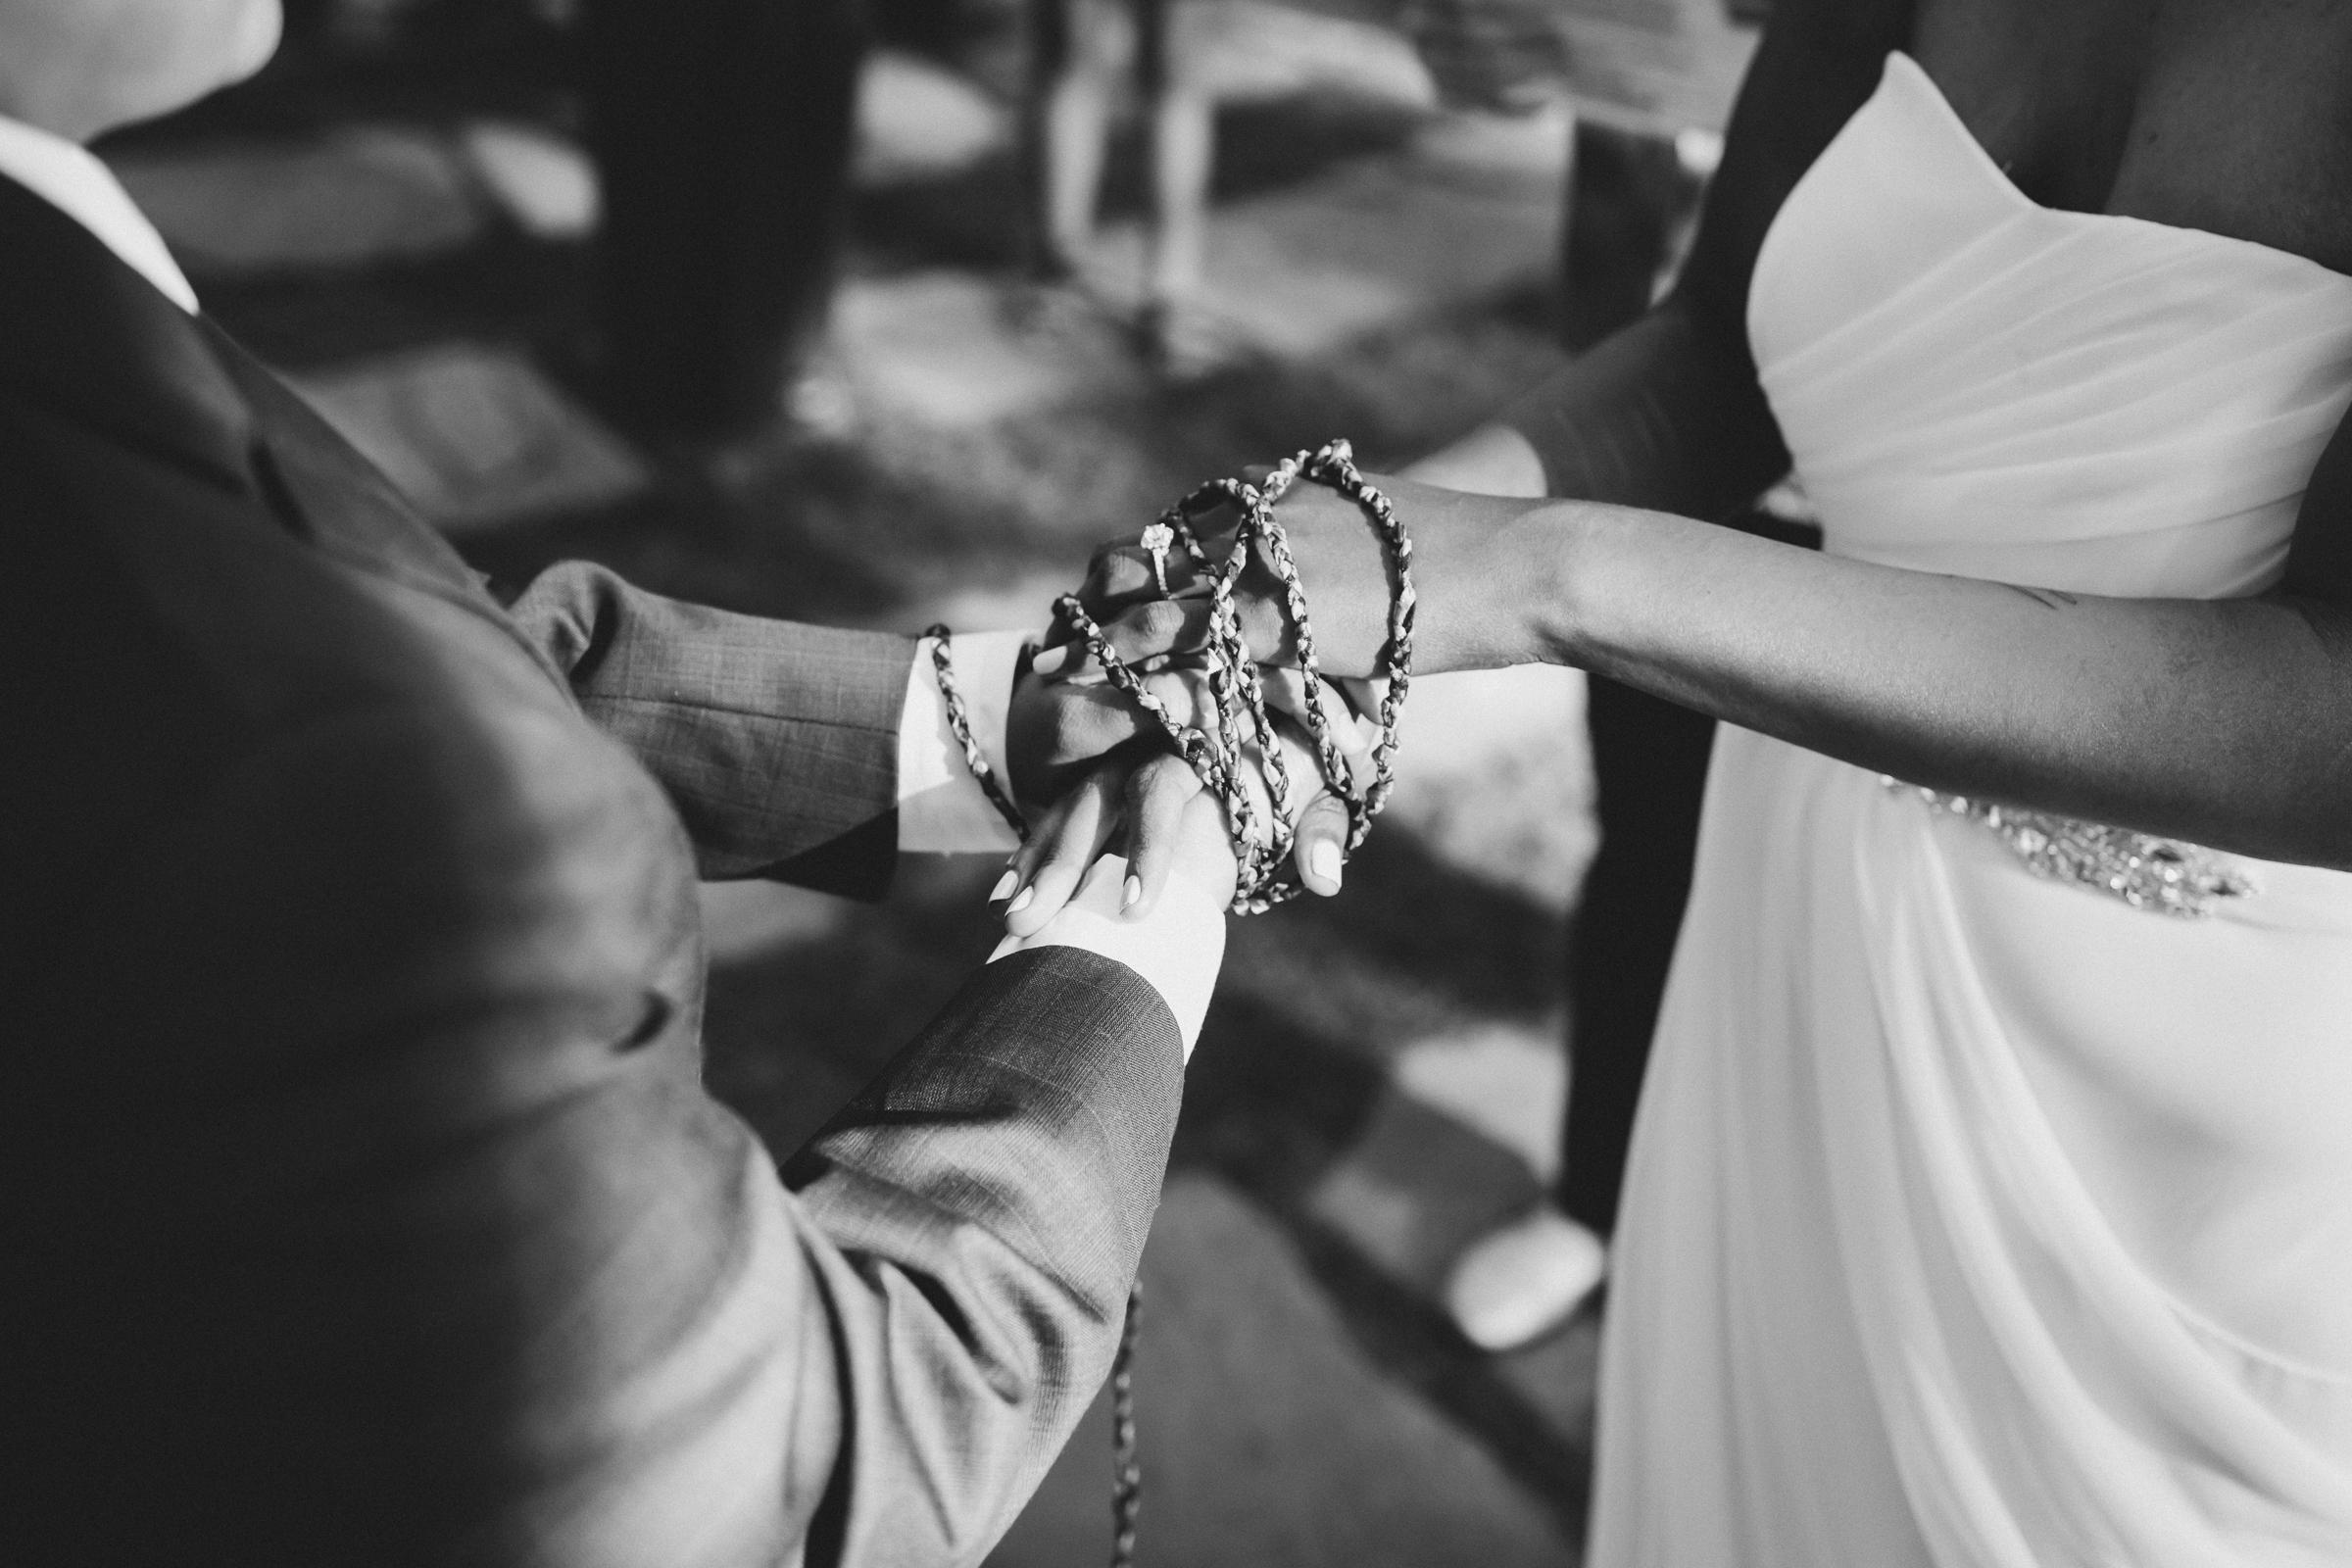 Long-Island-Documentary-Wedding-Photographer-Avalon-Park-Wedding-Photos-24.jpg